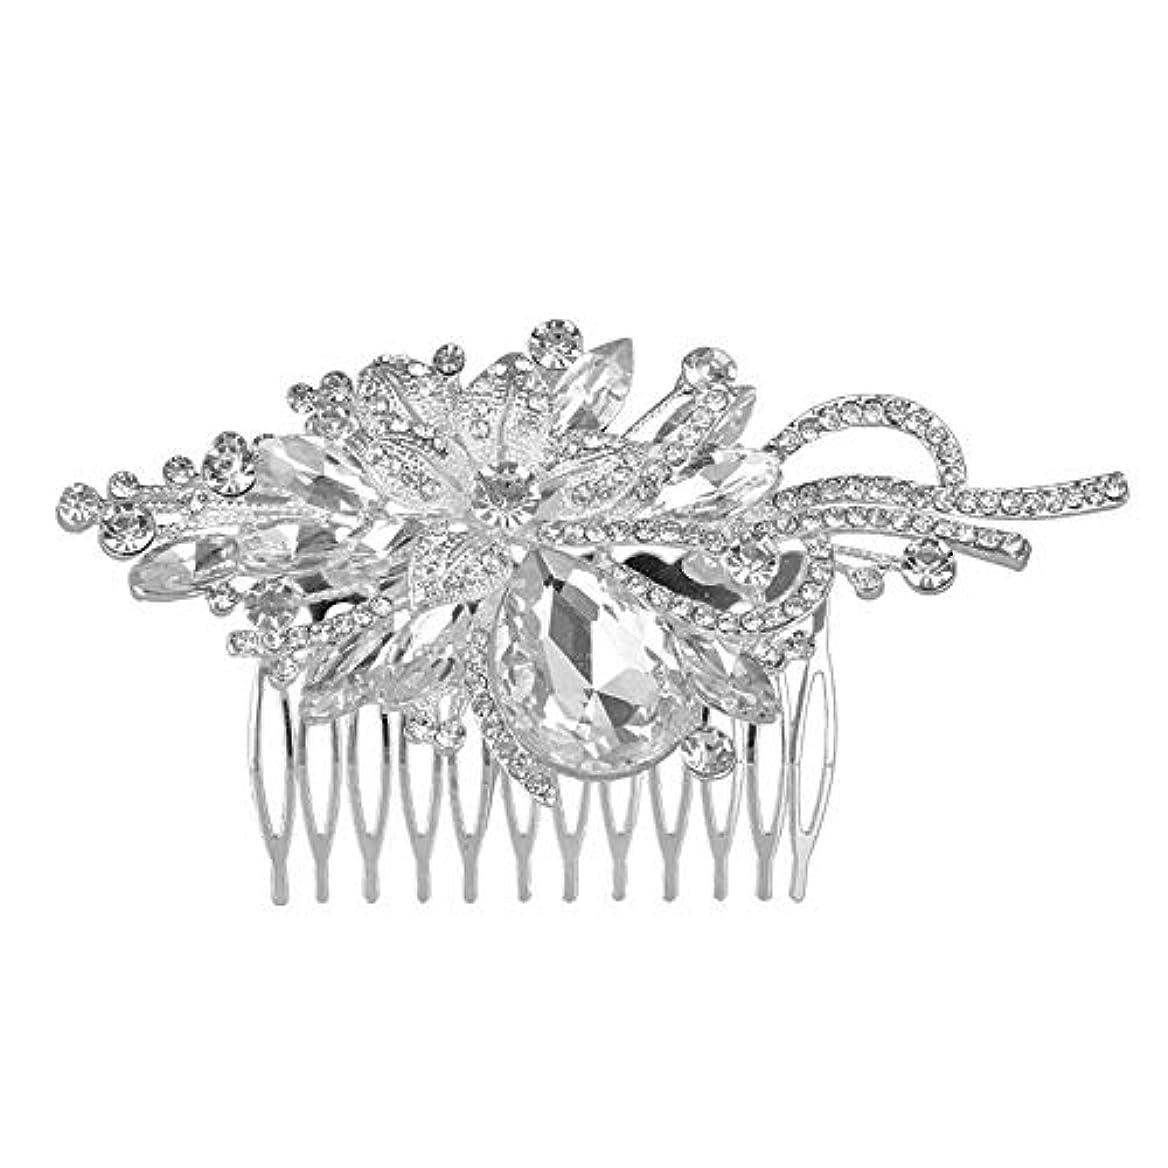 ワードローブ蜜実質的髪の櫛挿入櫛花嫁の髪櫛クラウン髪の櫛結婚式のアクセサリー葉の髪の櫛ラインストーンの髪の櫛ブライダルヘッドドレス